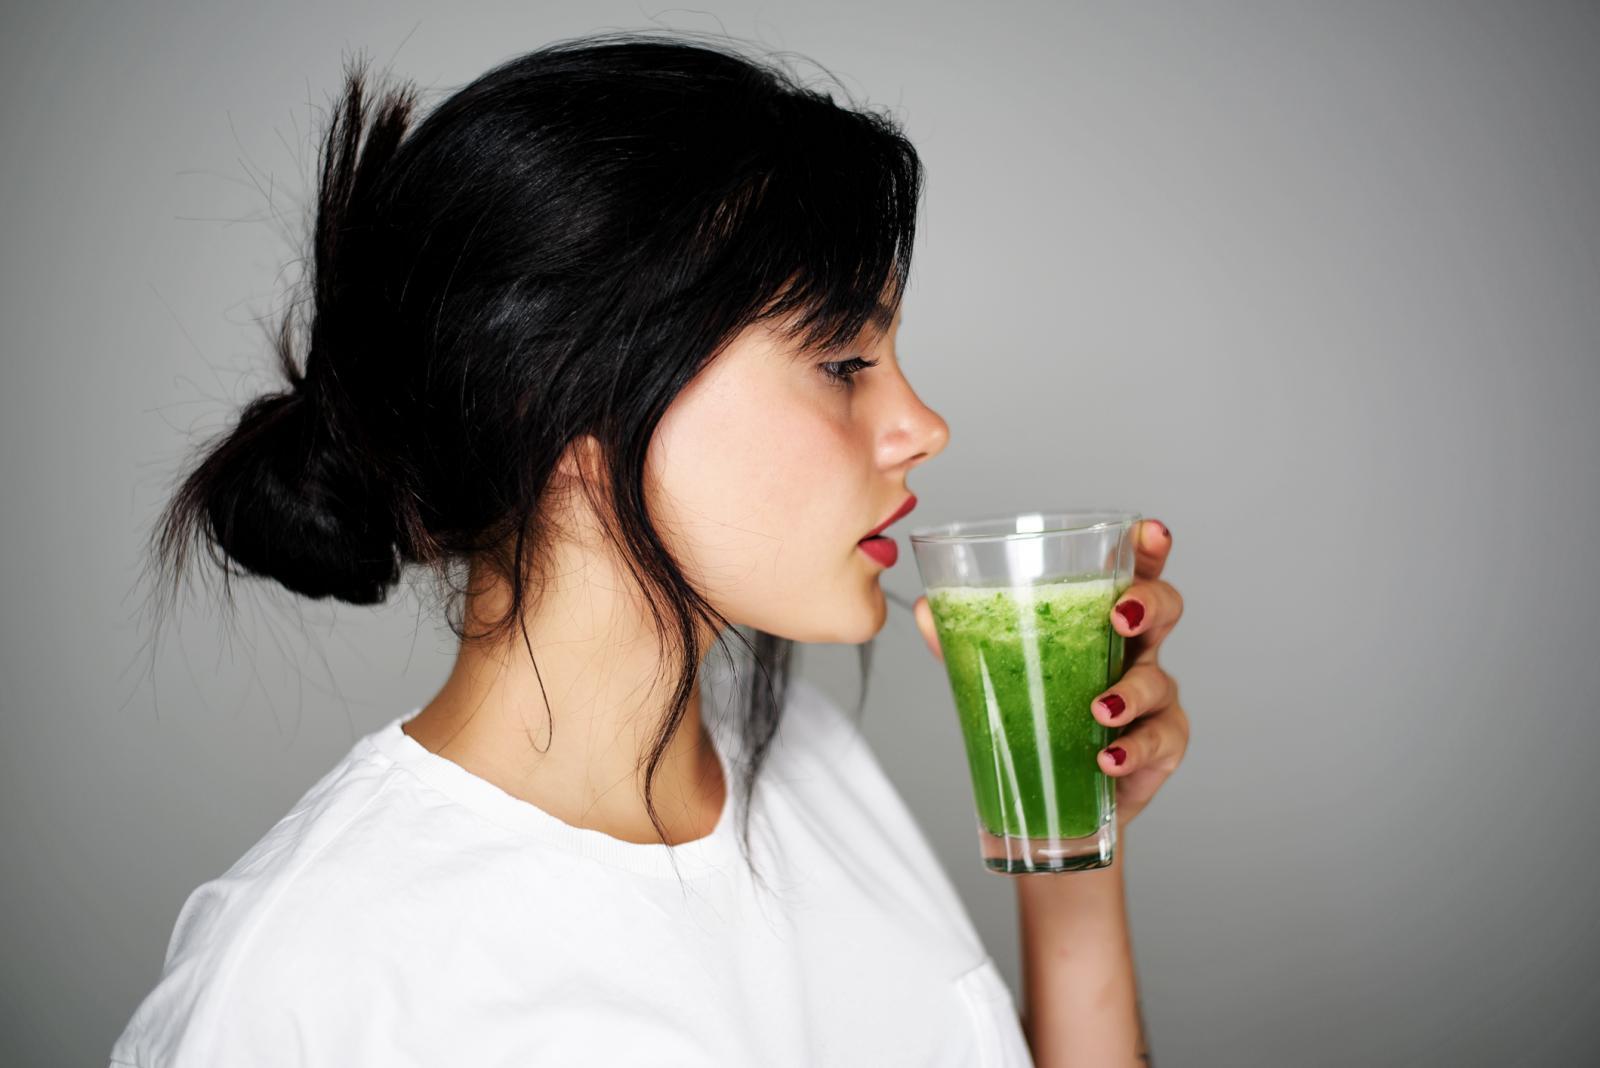 Iako se o ljepoti i zdravlju neprestano treba brinuti, upravo u siječnju mnogi odlučuju zdravije živjeti i ulagati u sebe. Jeste li i vi među njima?